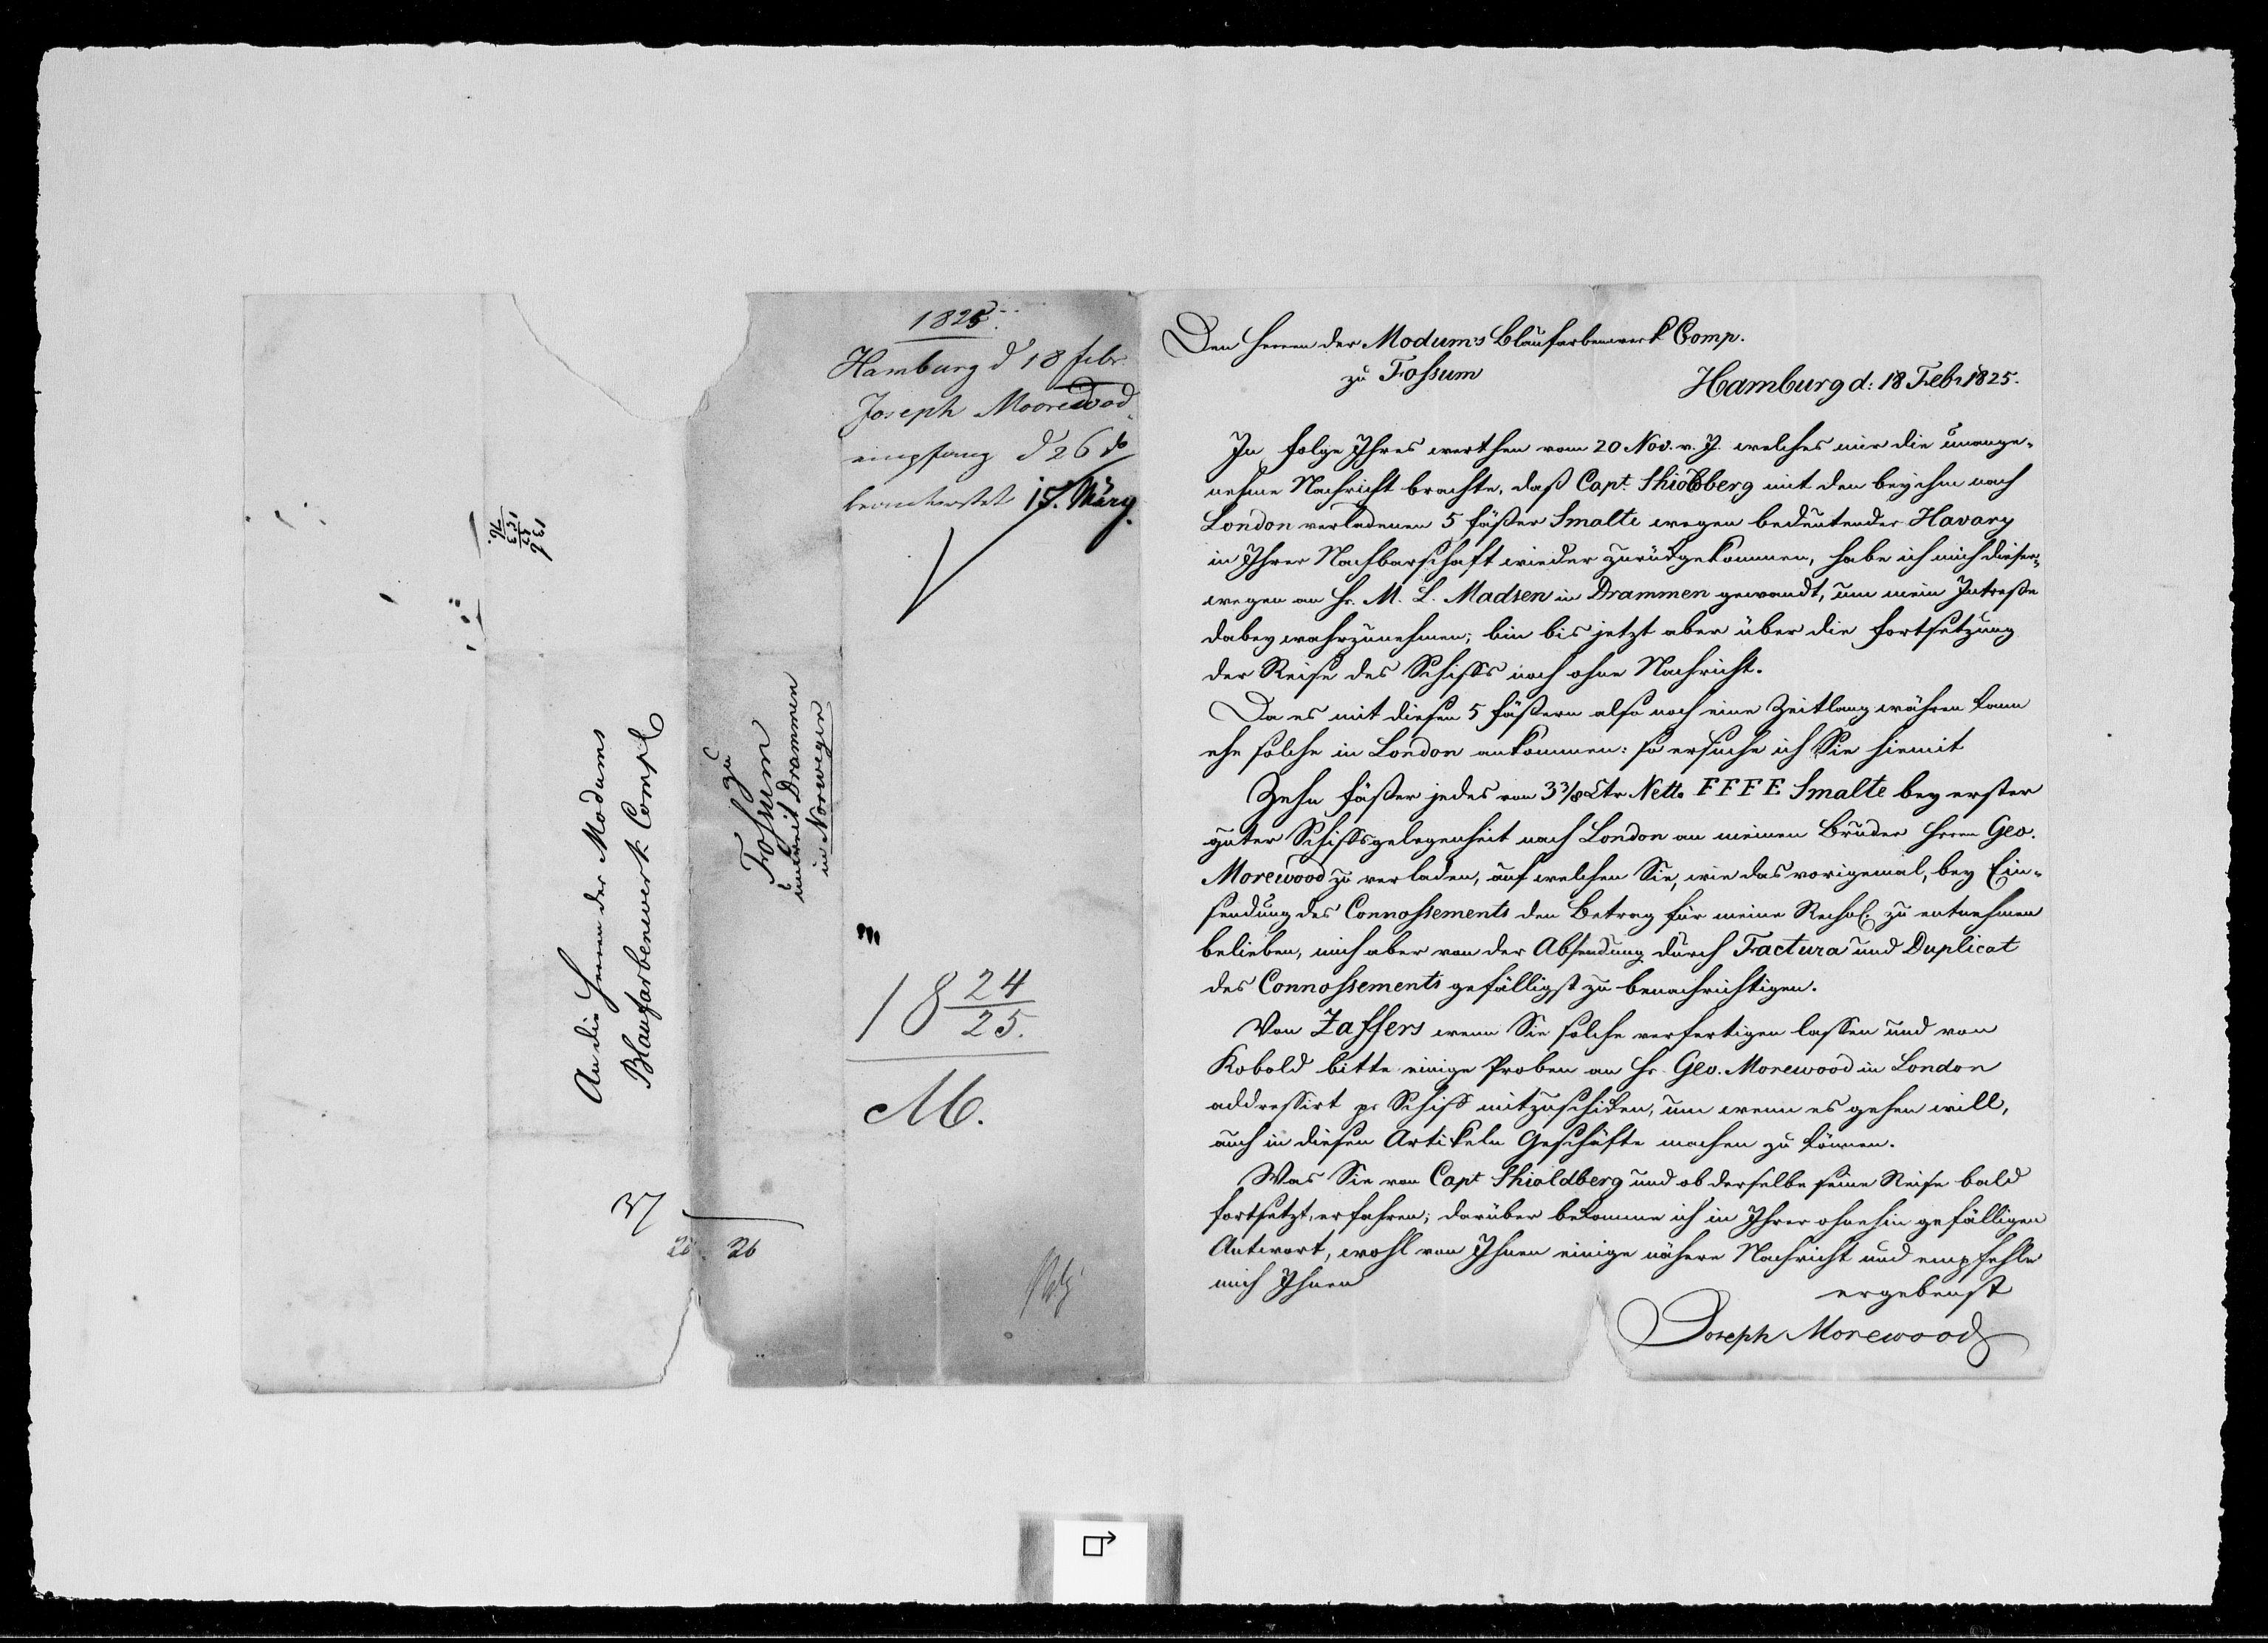 RA, Modums Blaafarveværk, G/Gb/L0094, 1824-1825, s. 2